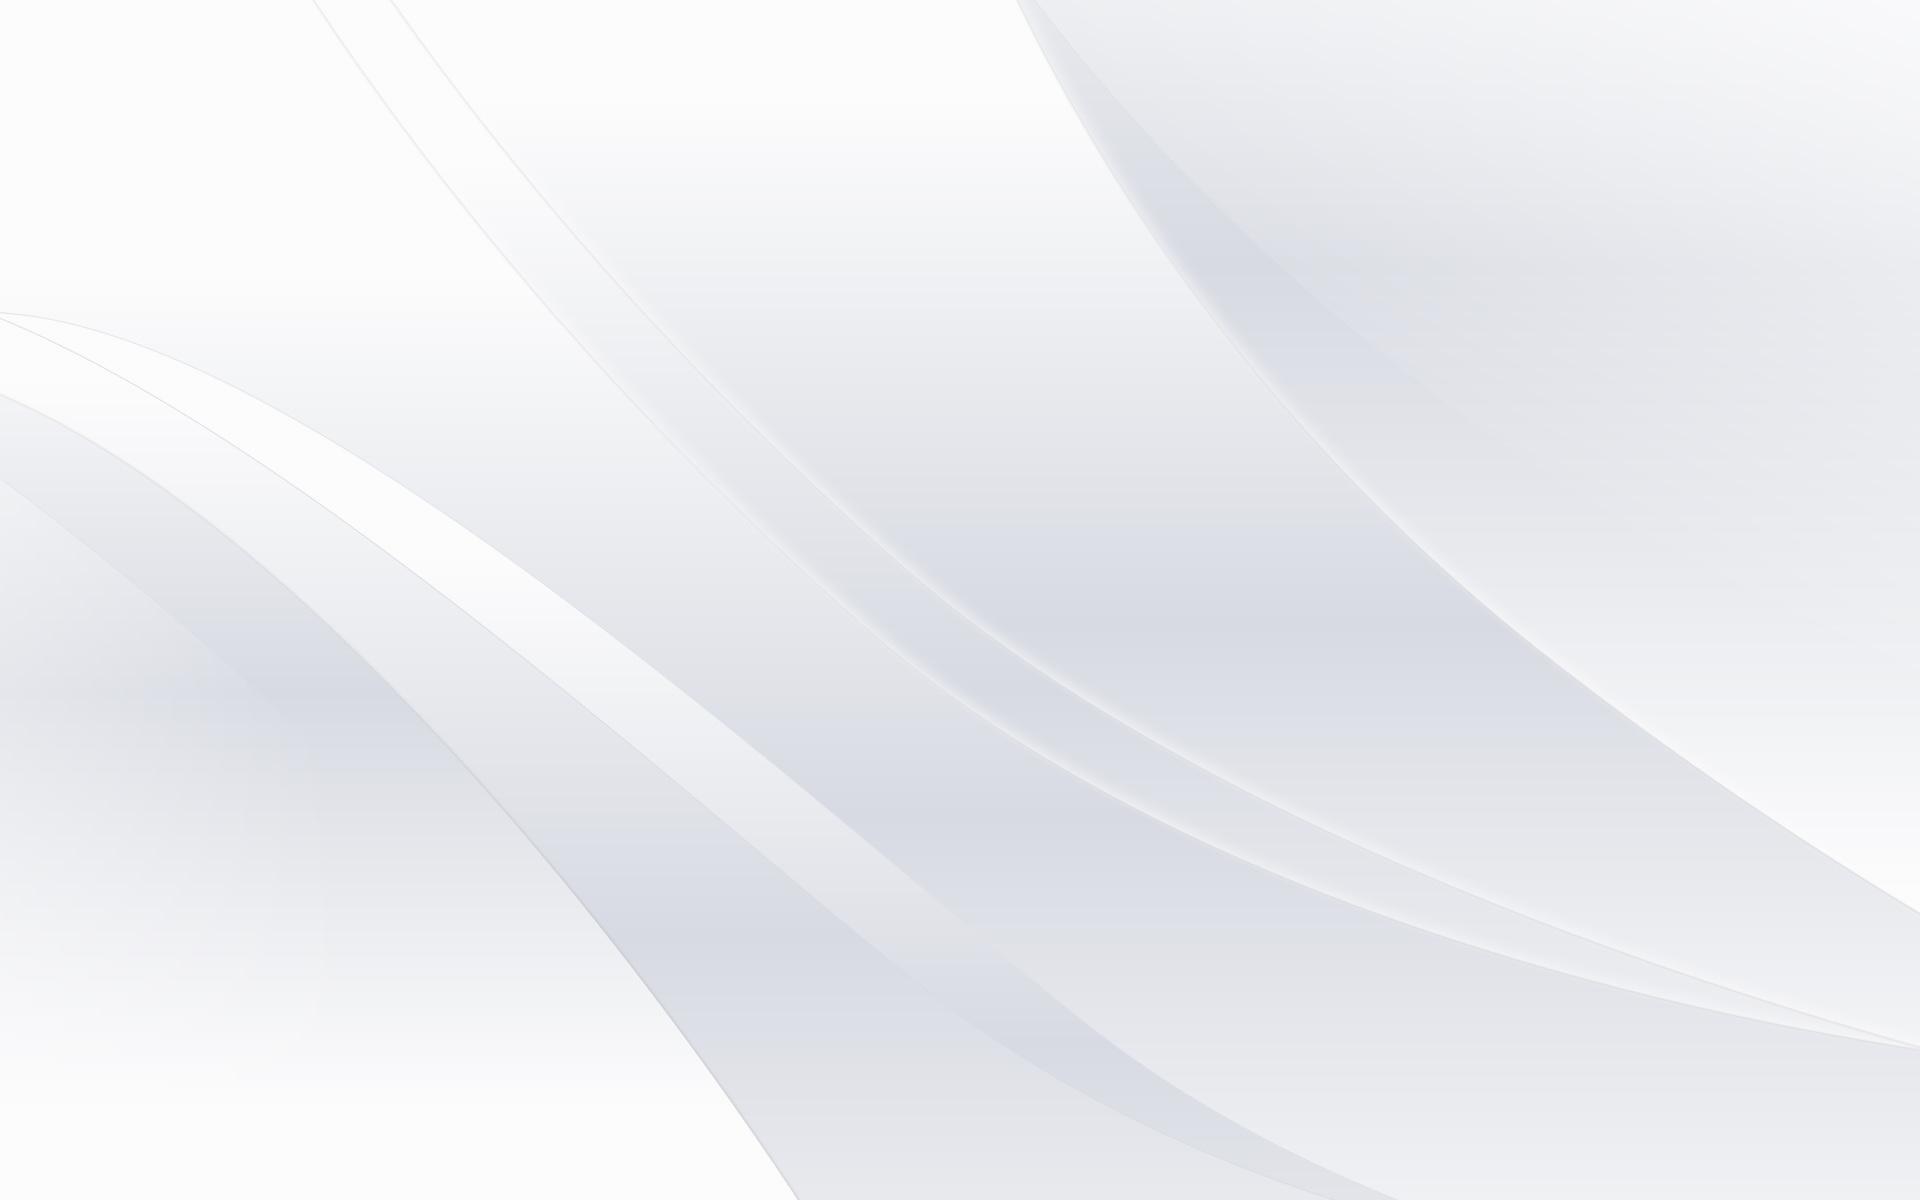 Download-desktop-backgrounds-silver-background